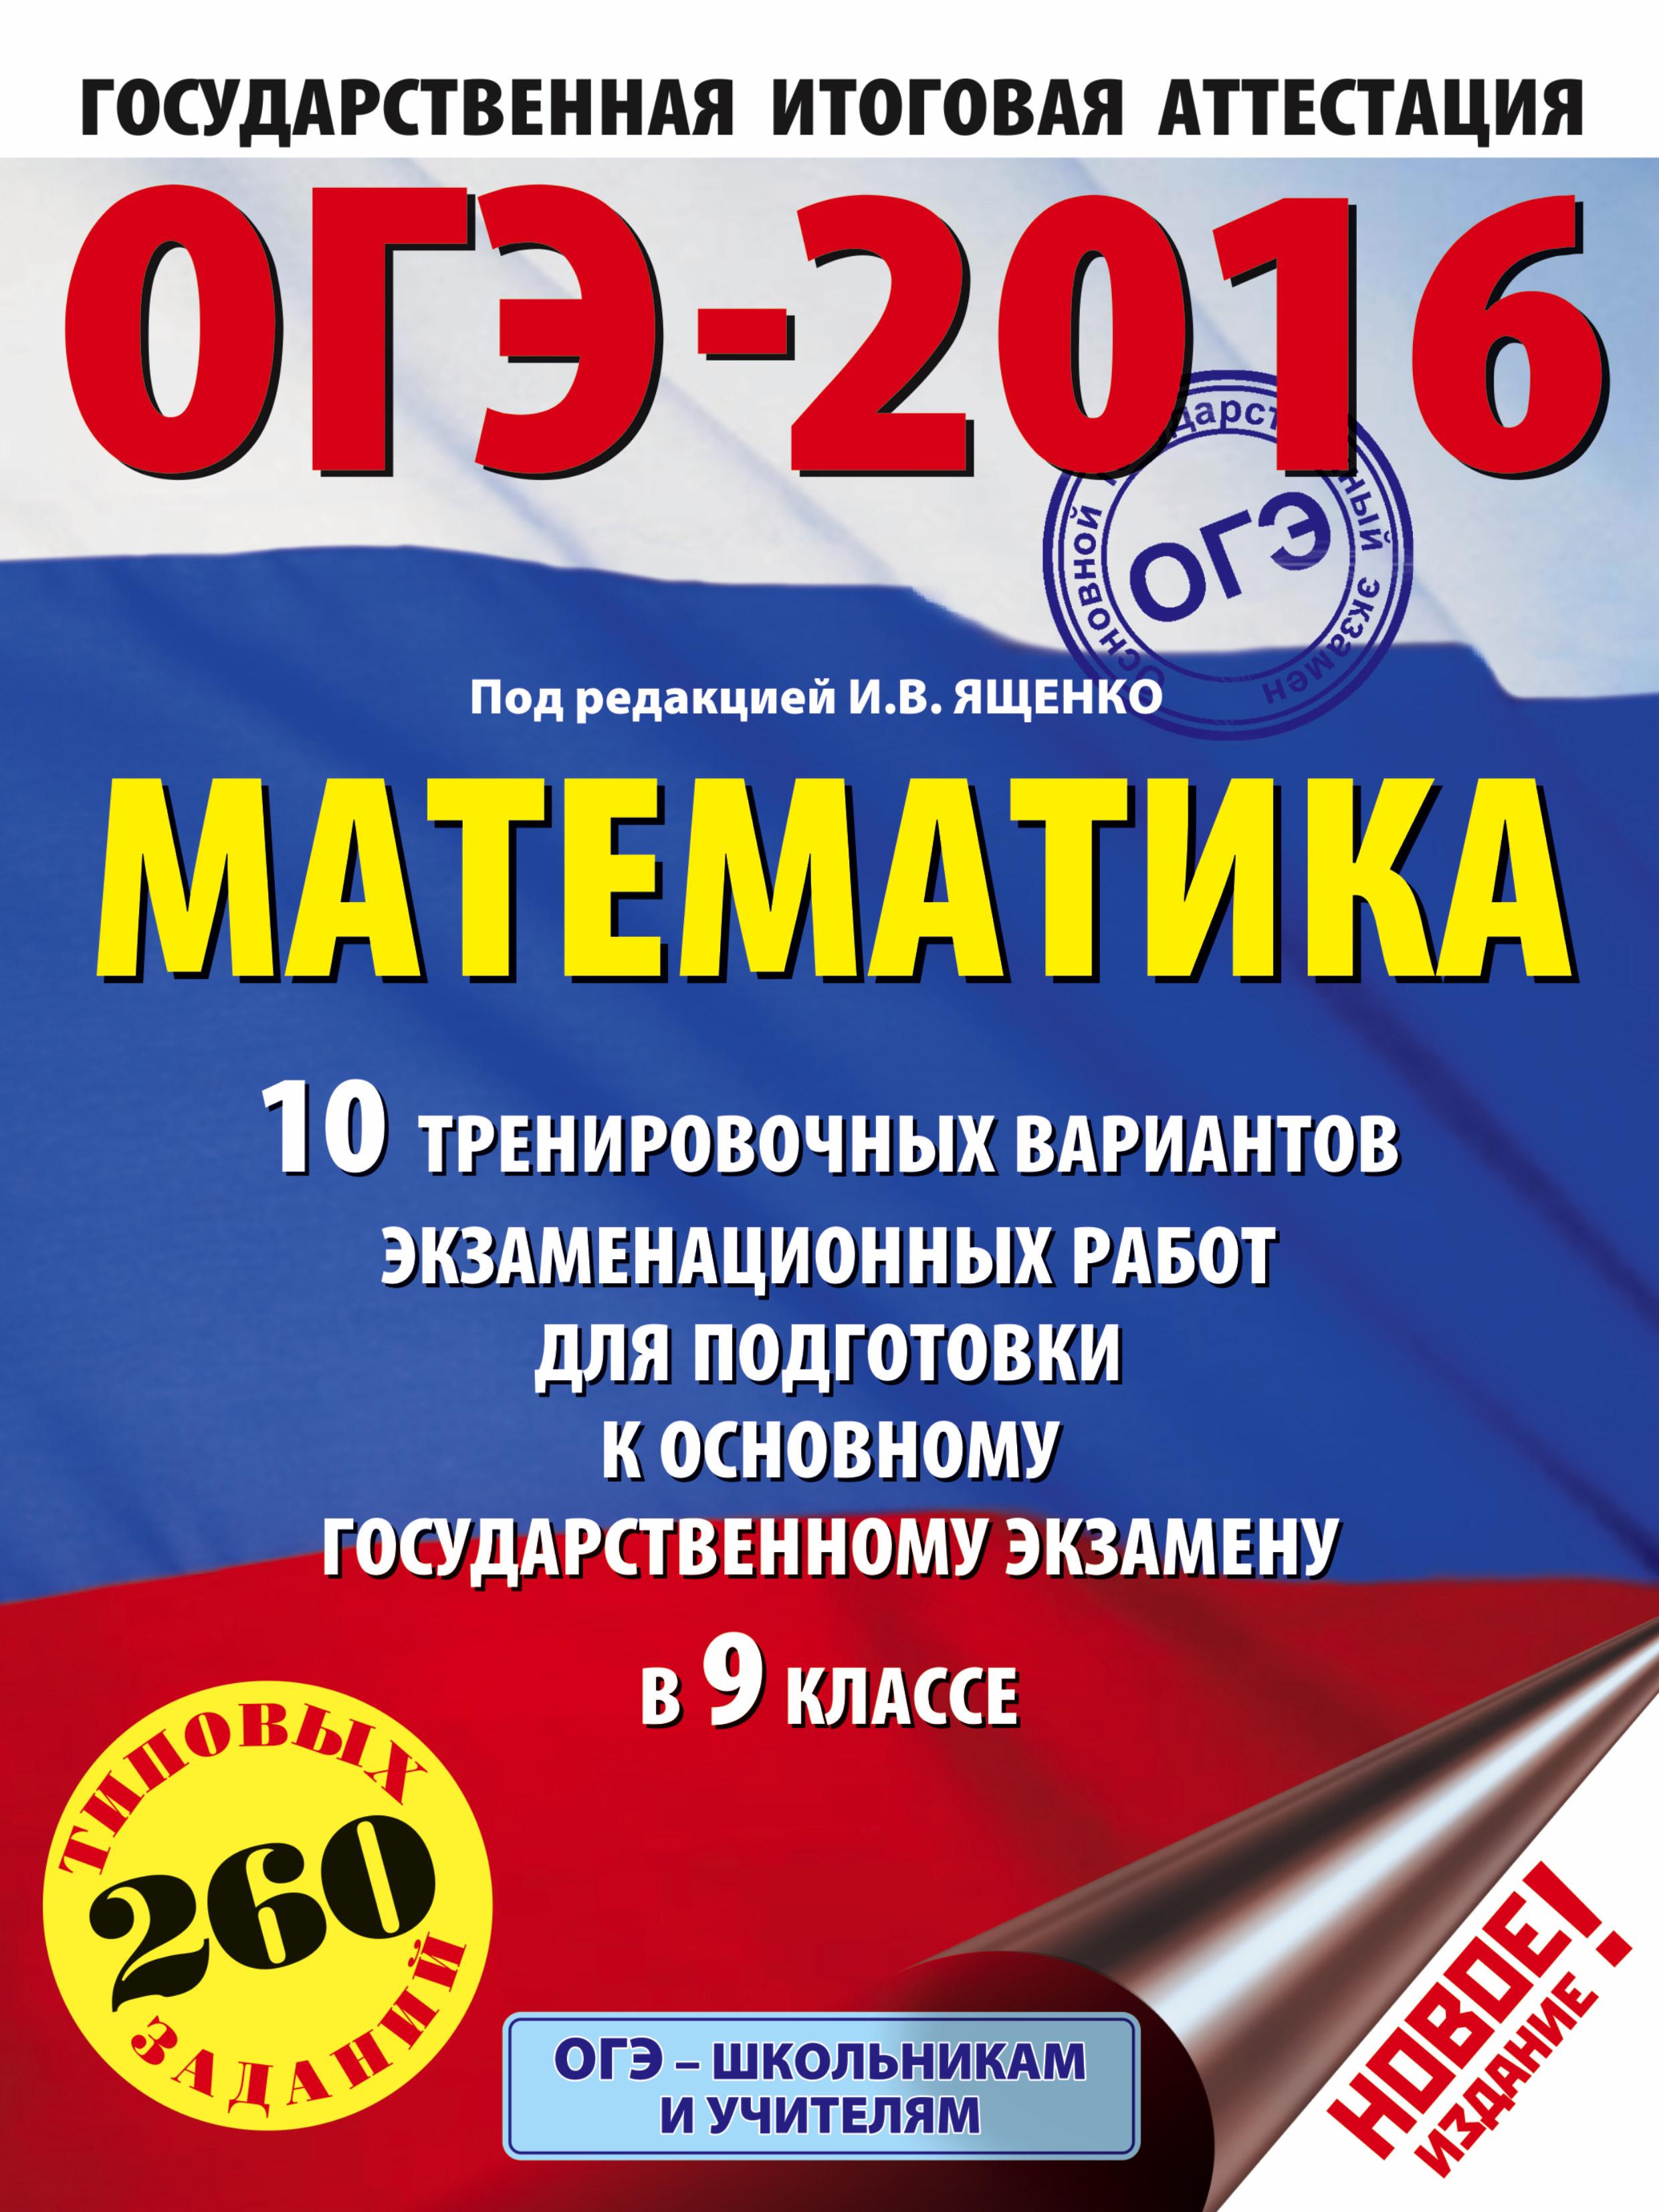 ОГЭ-2016. Математика (60х84/8) 10 тренировочных вариантов экзаменационных работ для подготовки к основному государственному экзамену в 9 классе